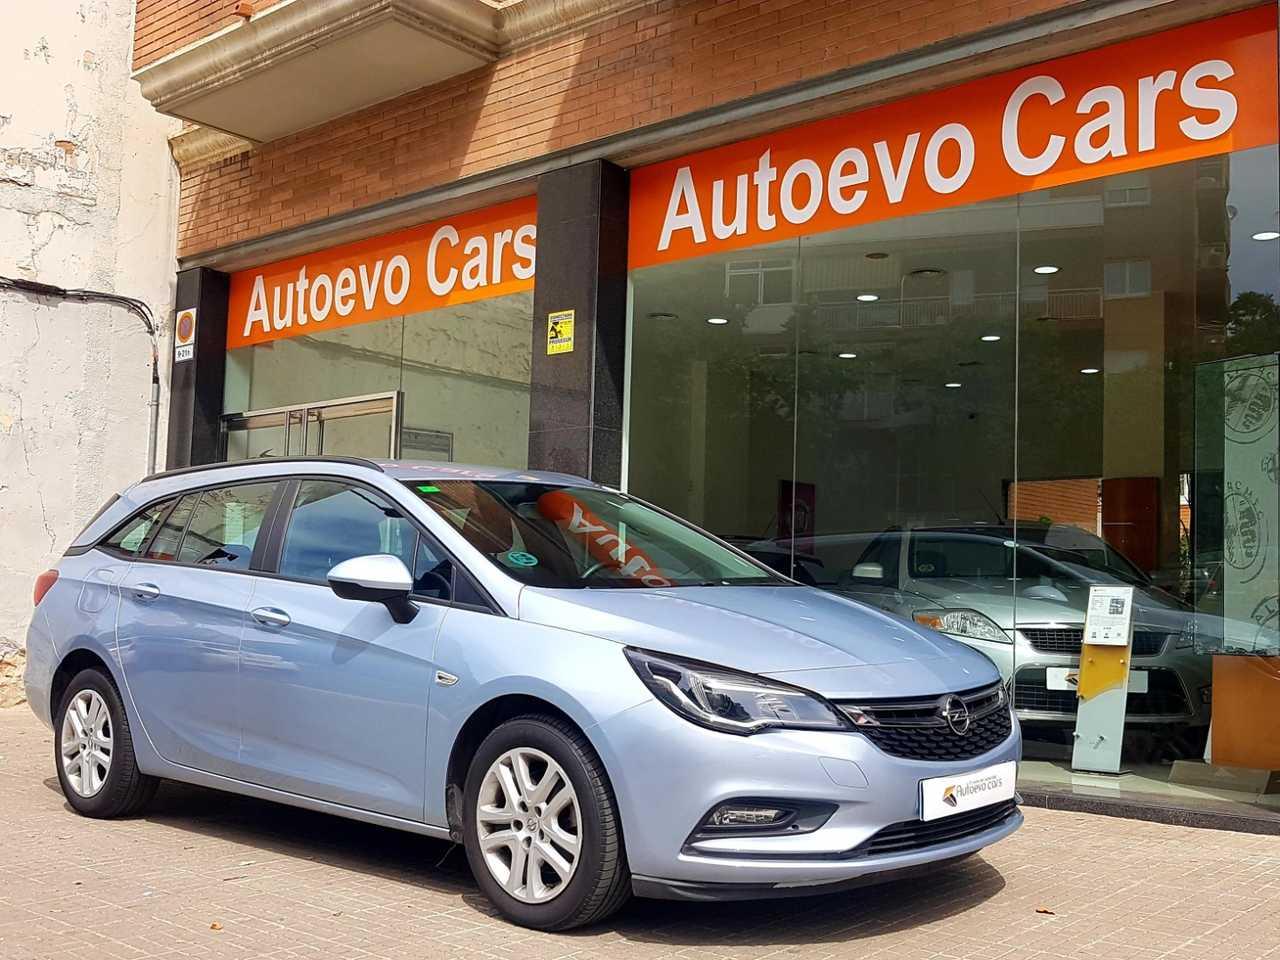 Opel Astra Sports Tourer 1.6 cdti 110cv Business   - Foto 1